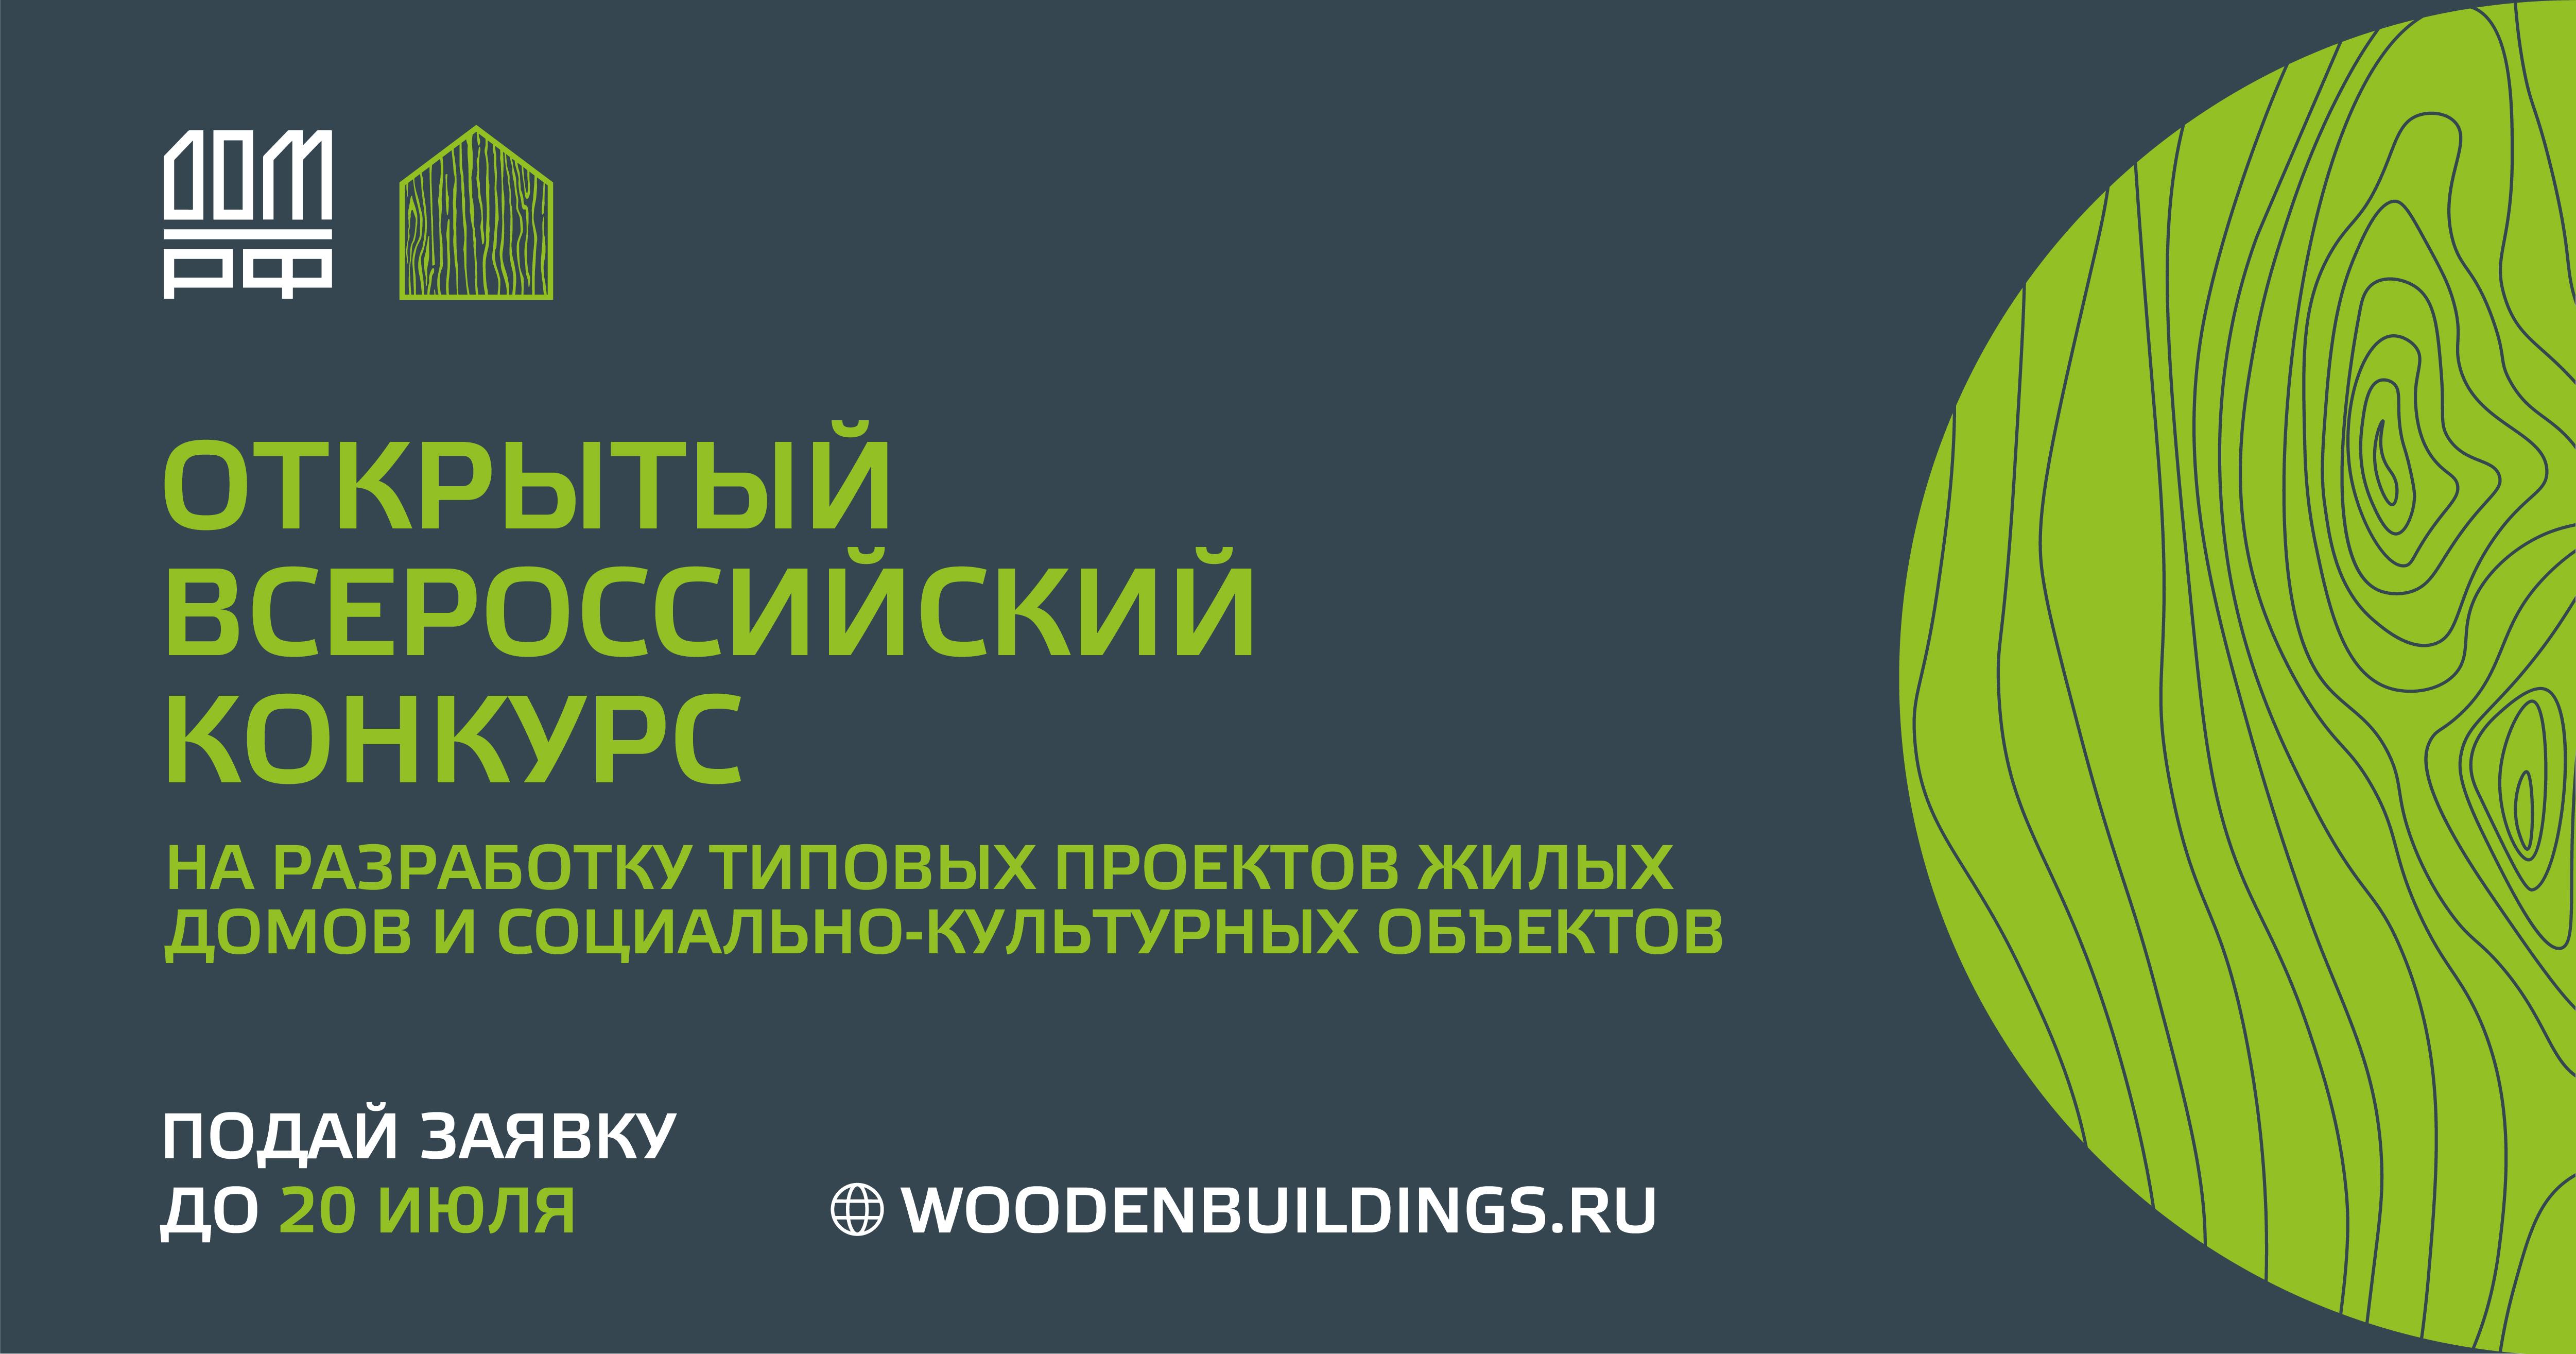 Дом.РФ объявил конкурс на лучшие типовые проекты ИЖС